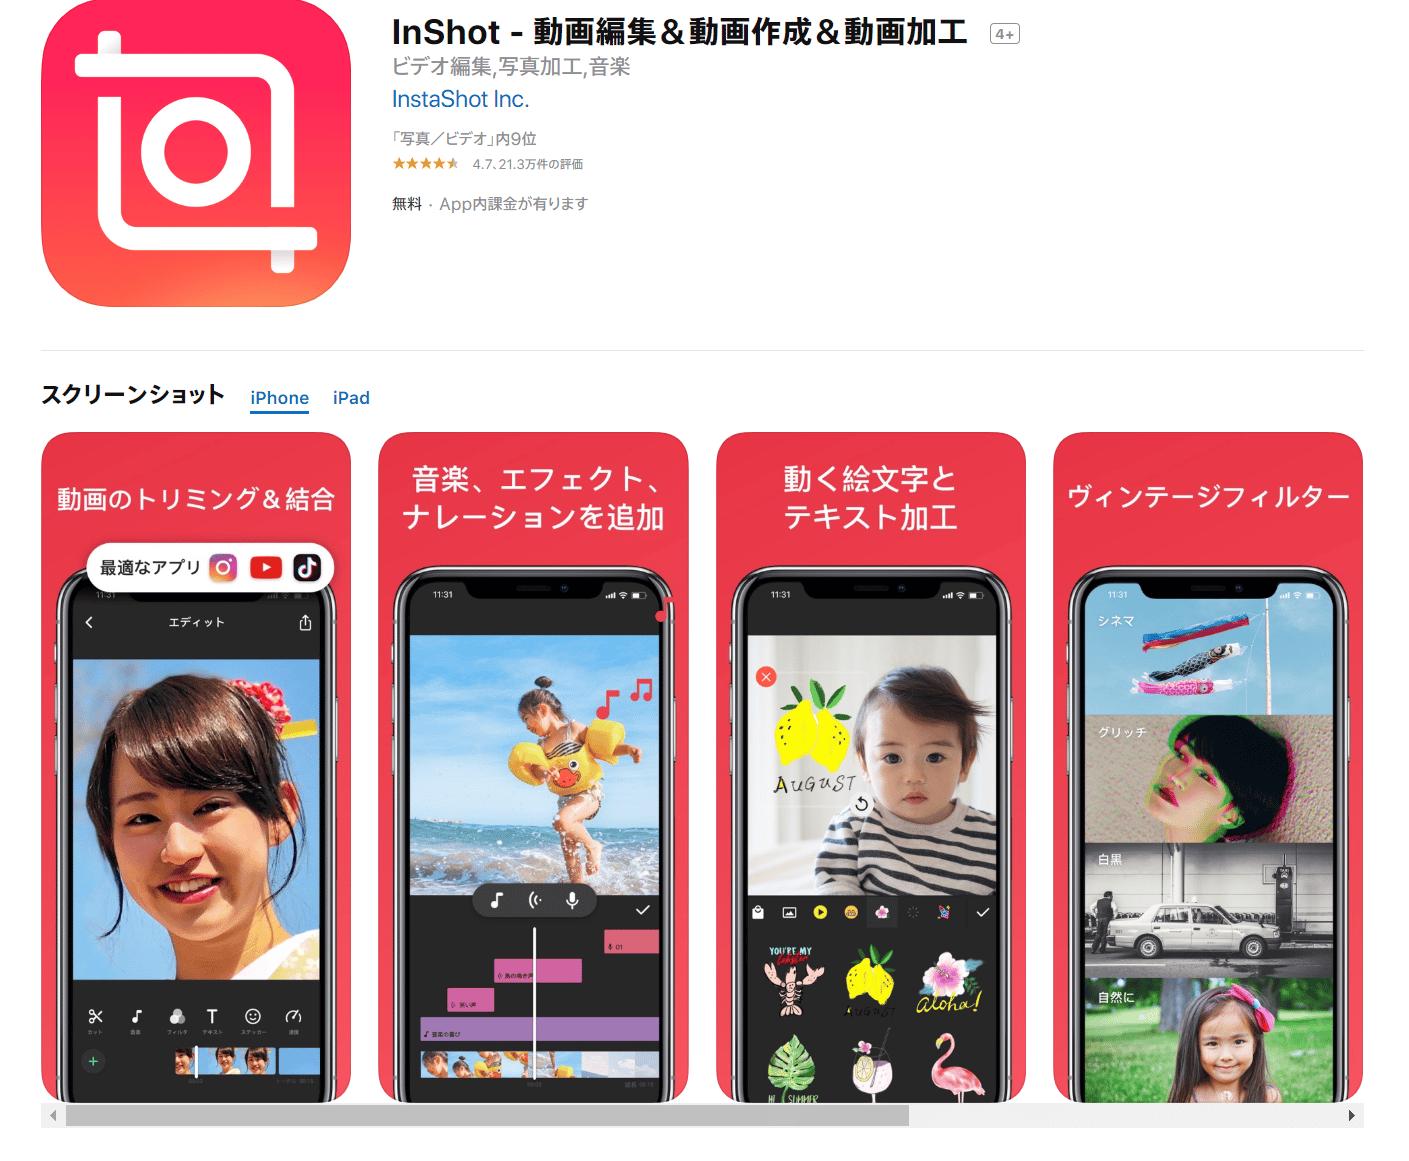 おすすめ動画編集アプリ1位:InShot